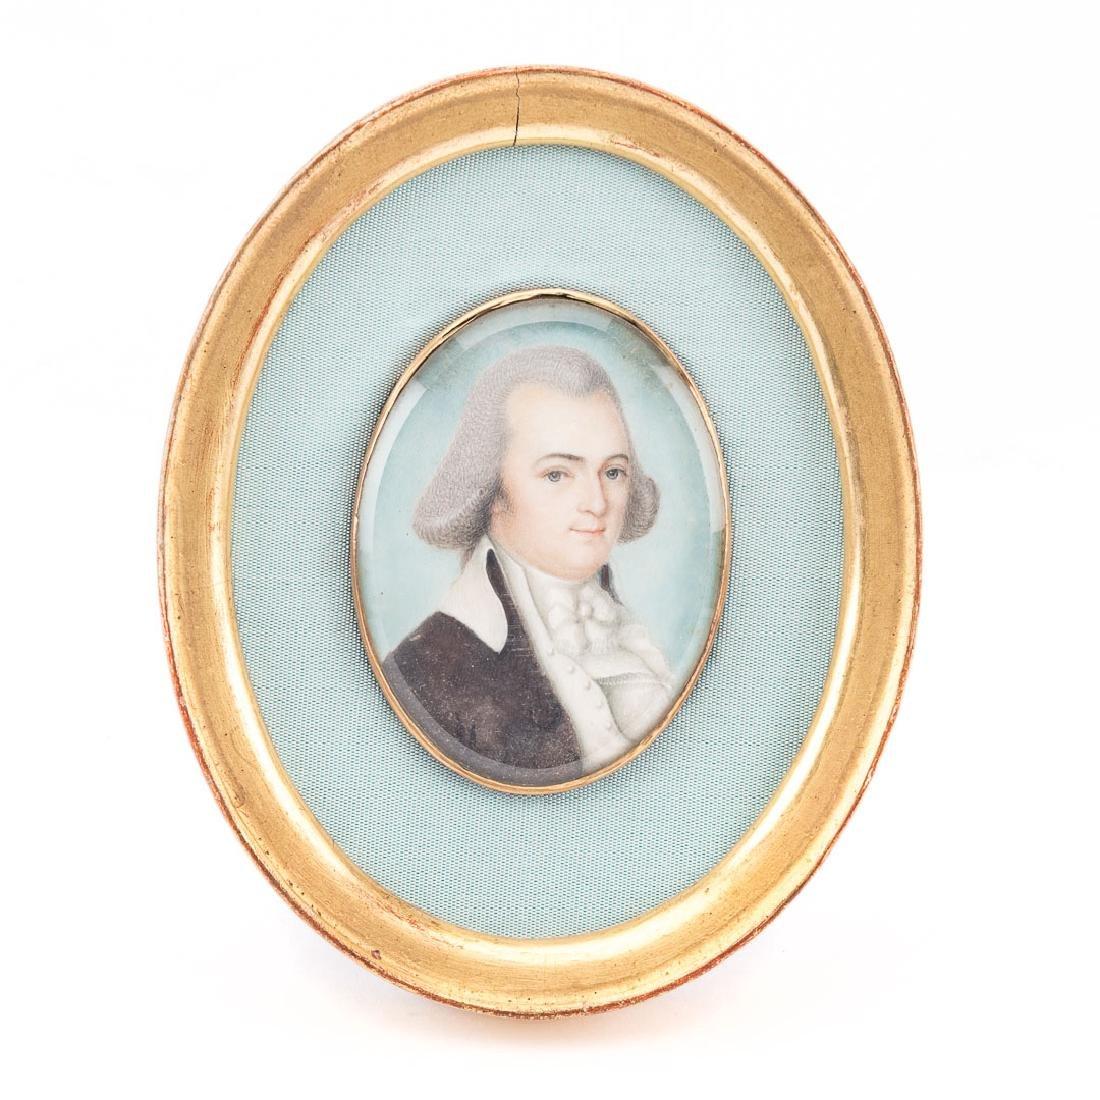 John Clapham. Portrait of F. Lancaster, miniature